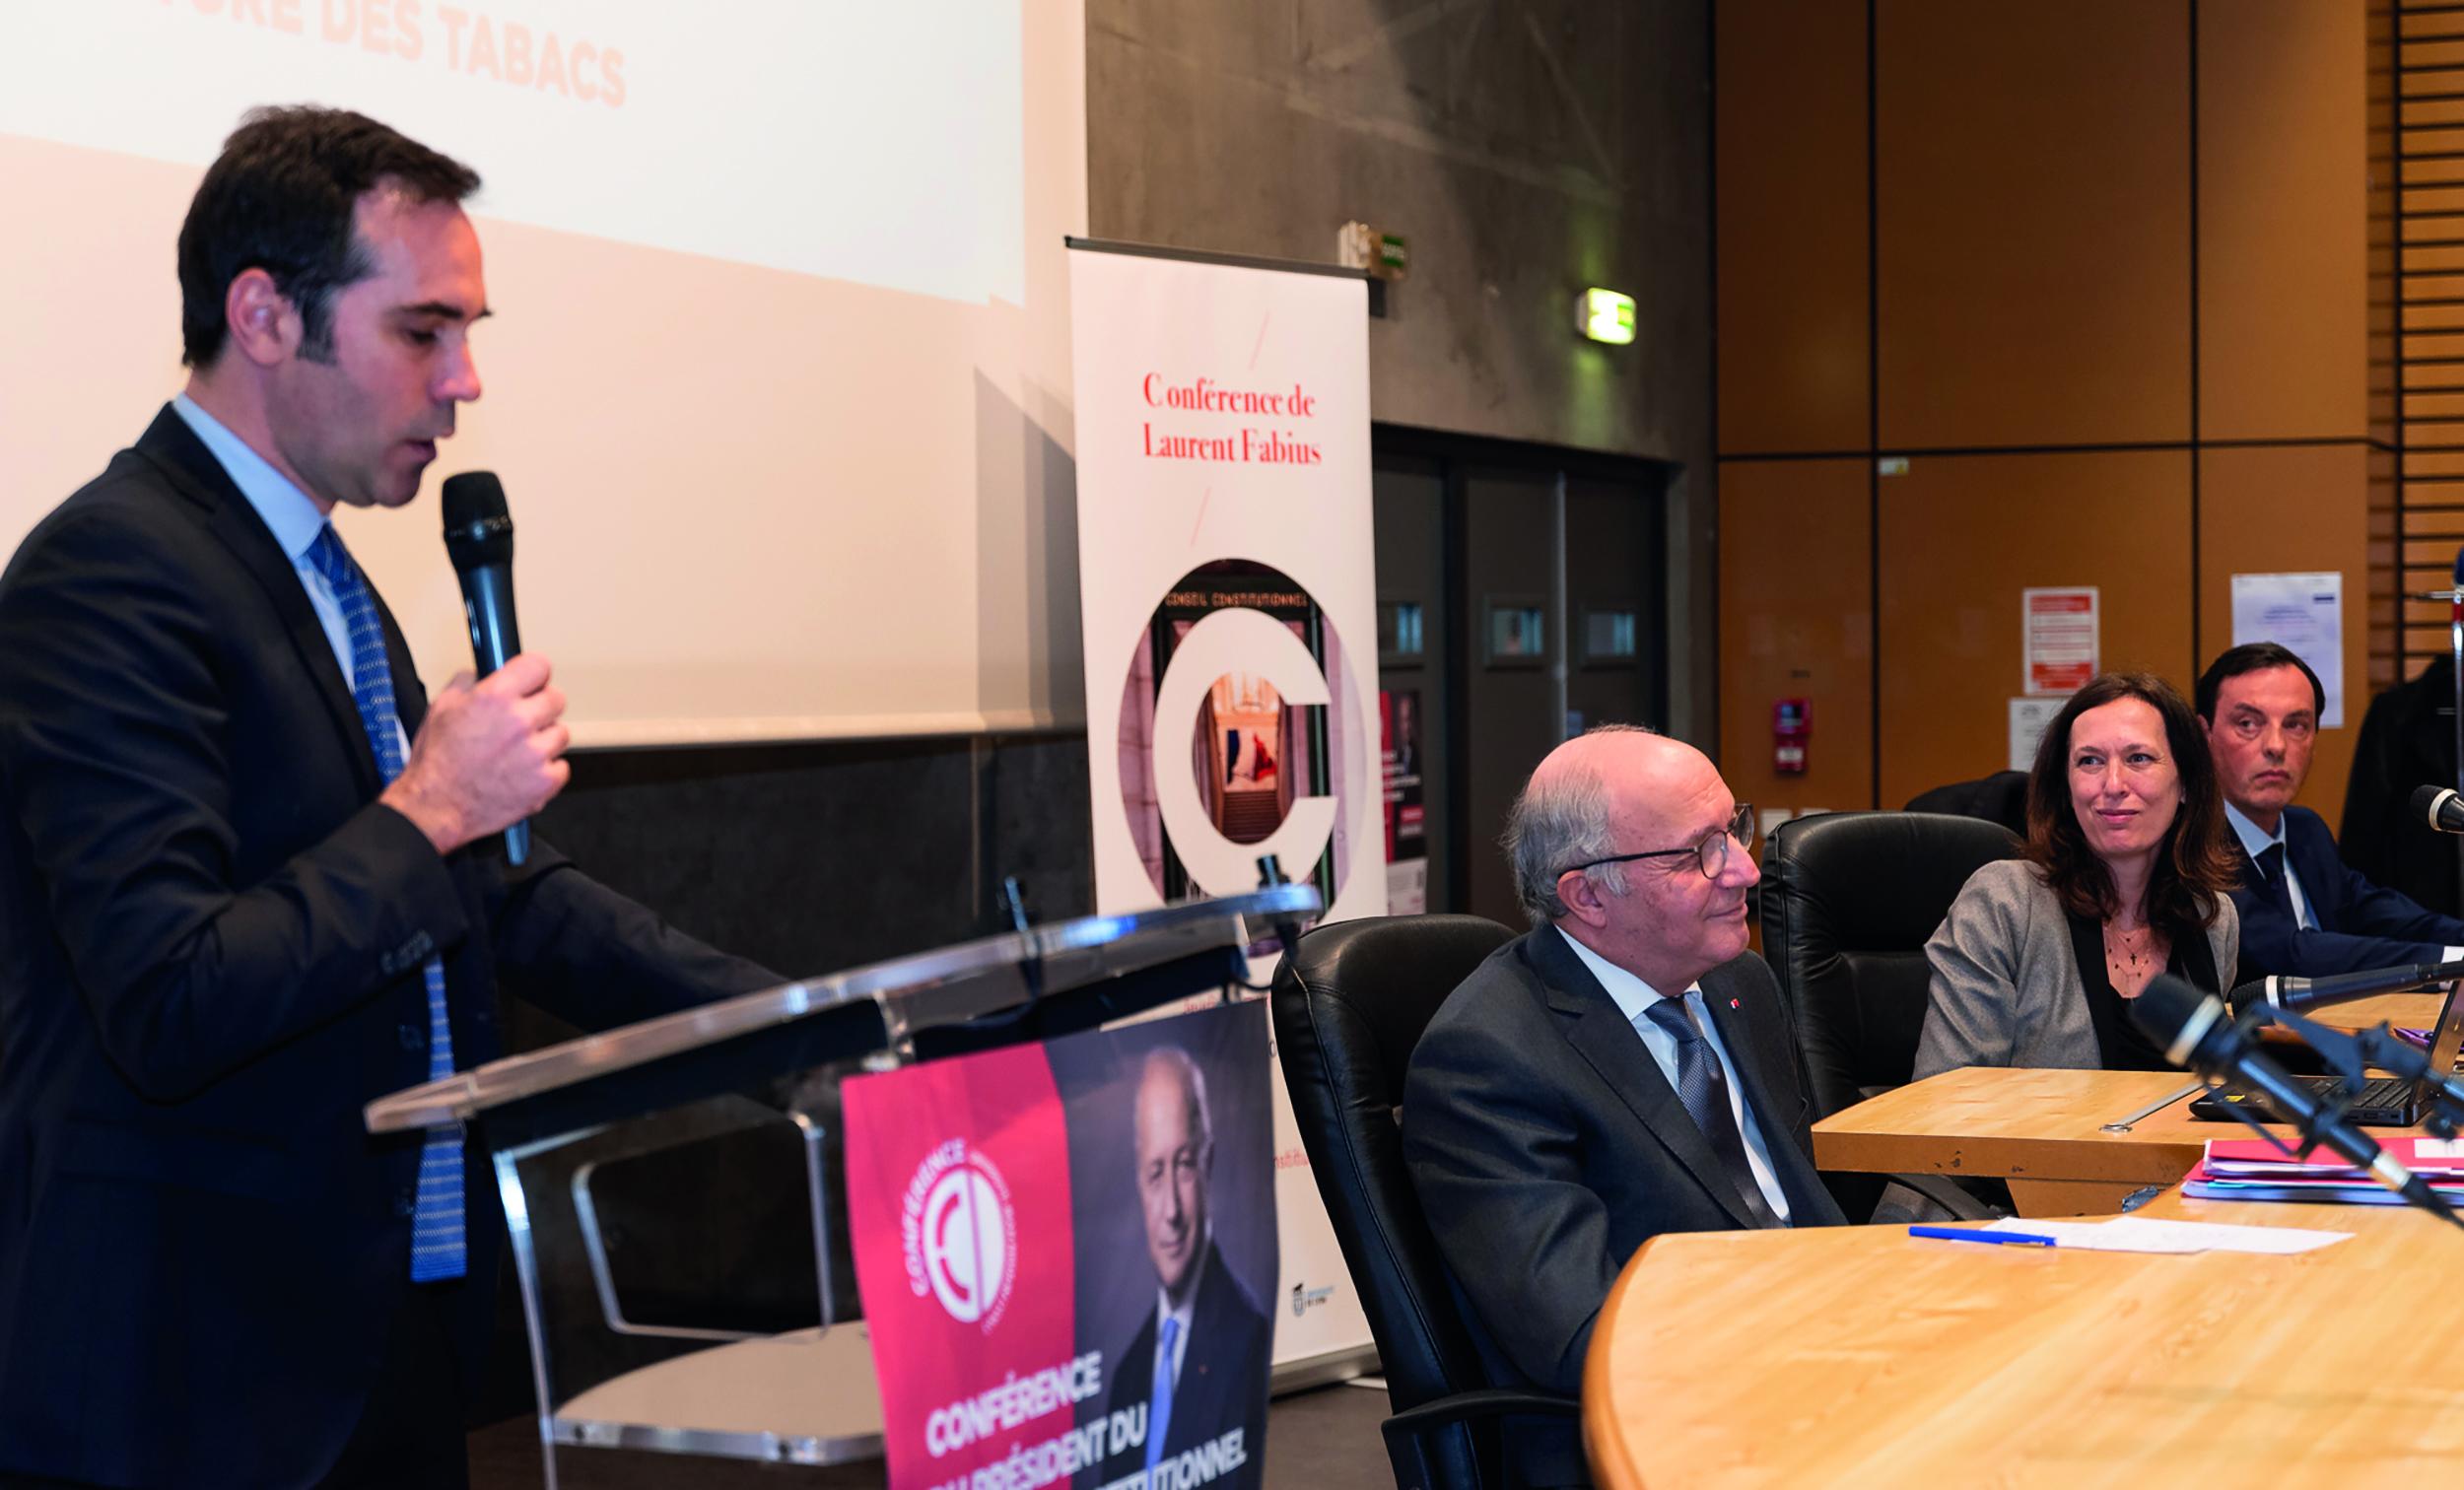 Discours d'ouverture d'Hervé de Gaudemar, doyen de la faculté de droit pour l'a conférence du Président du Conseil constitutionnel Laurent Fabius - 12 Mars 2020